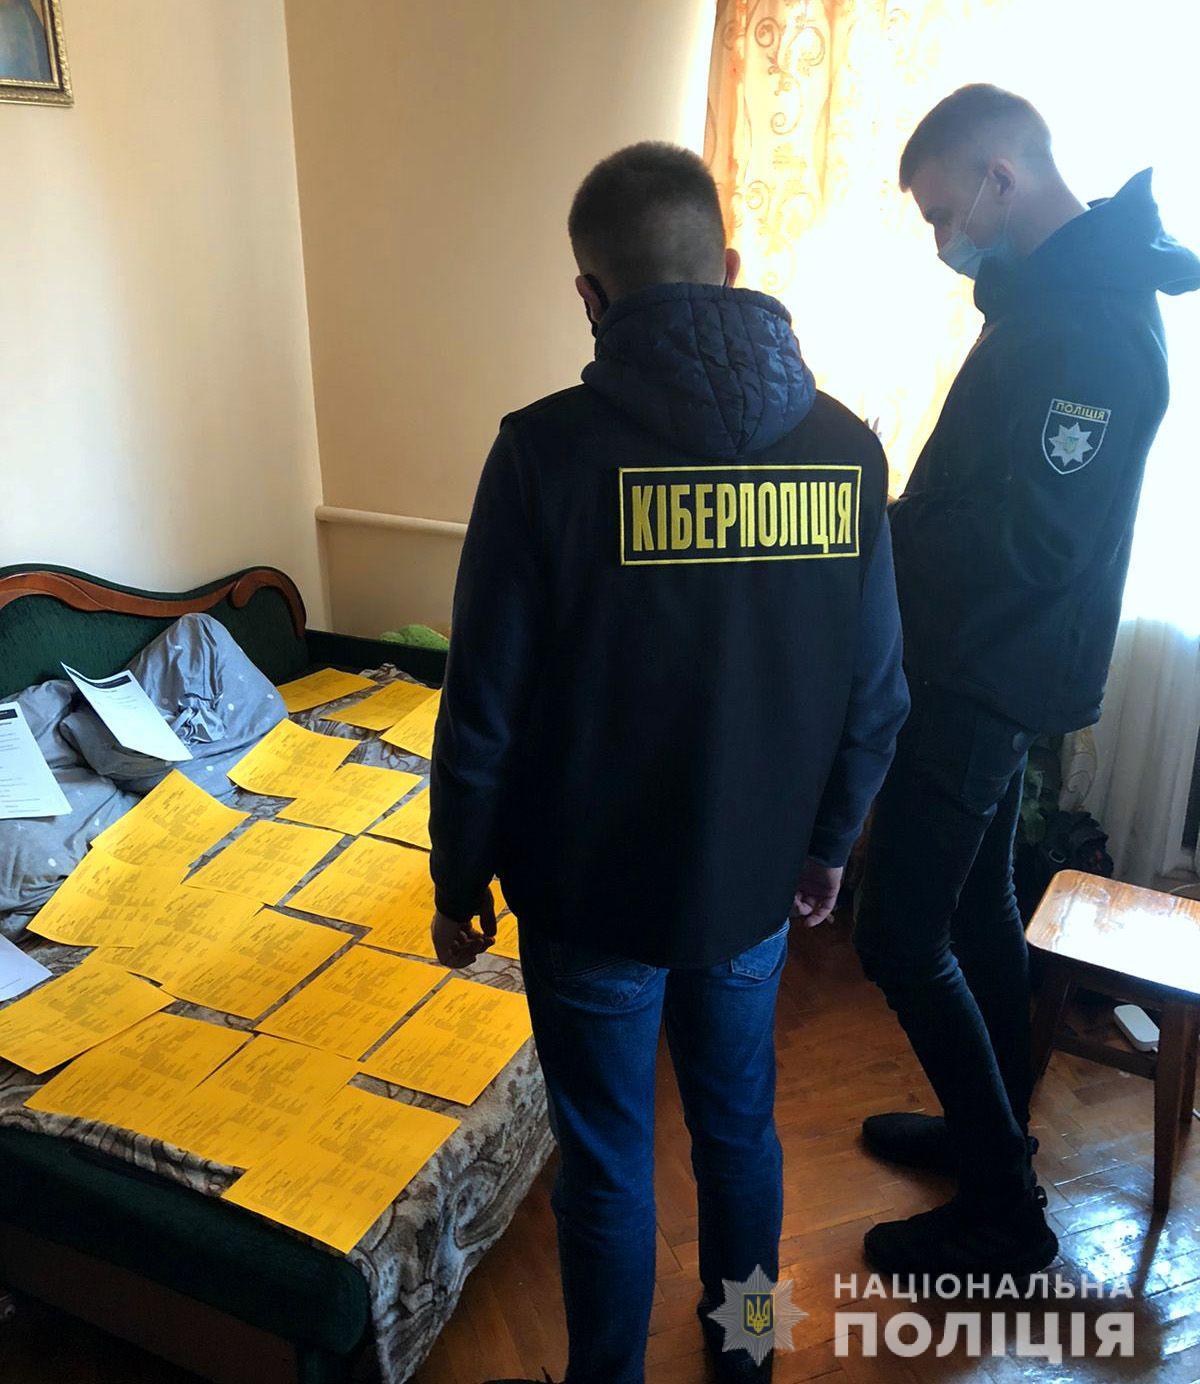 В Львовской области киберполиция разоблачила мужчину в изготовлении и продаже поддельных COVID сертификатов и ПЦР-тестов